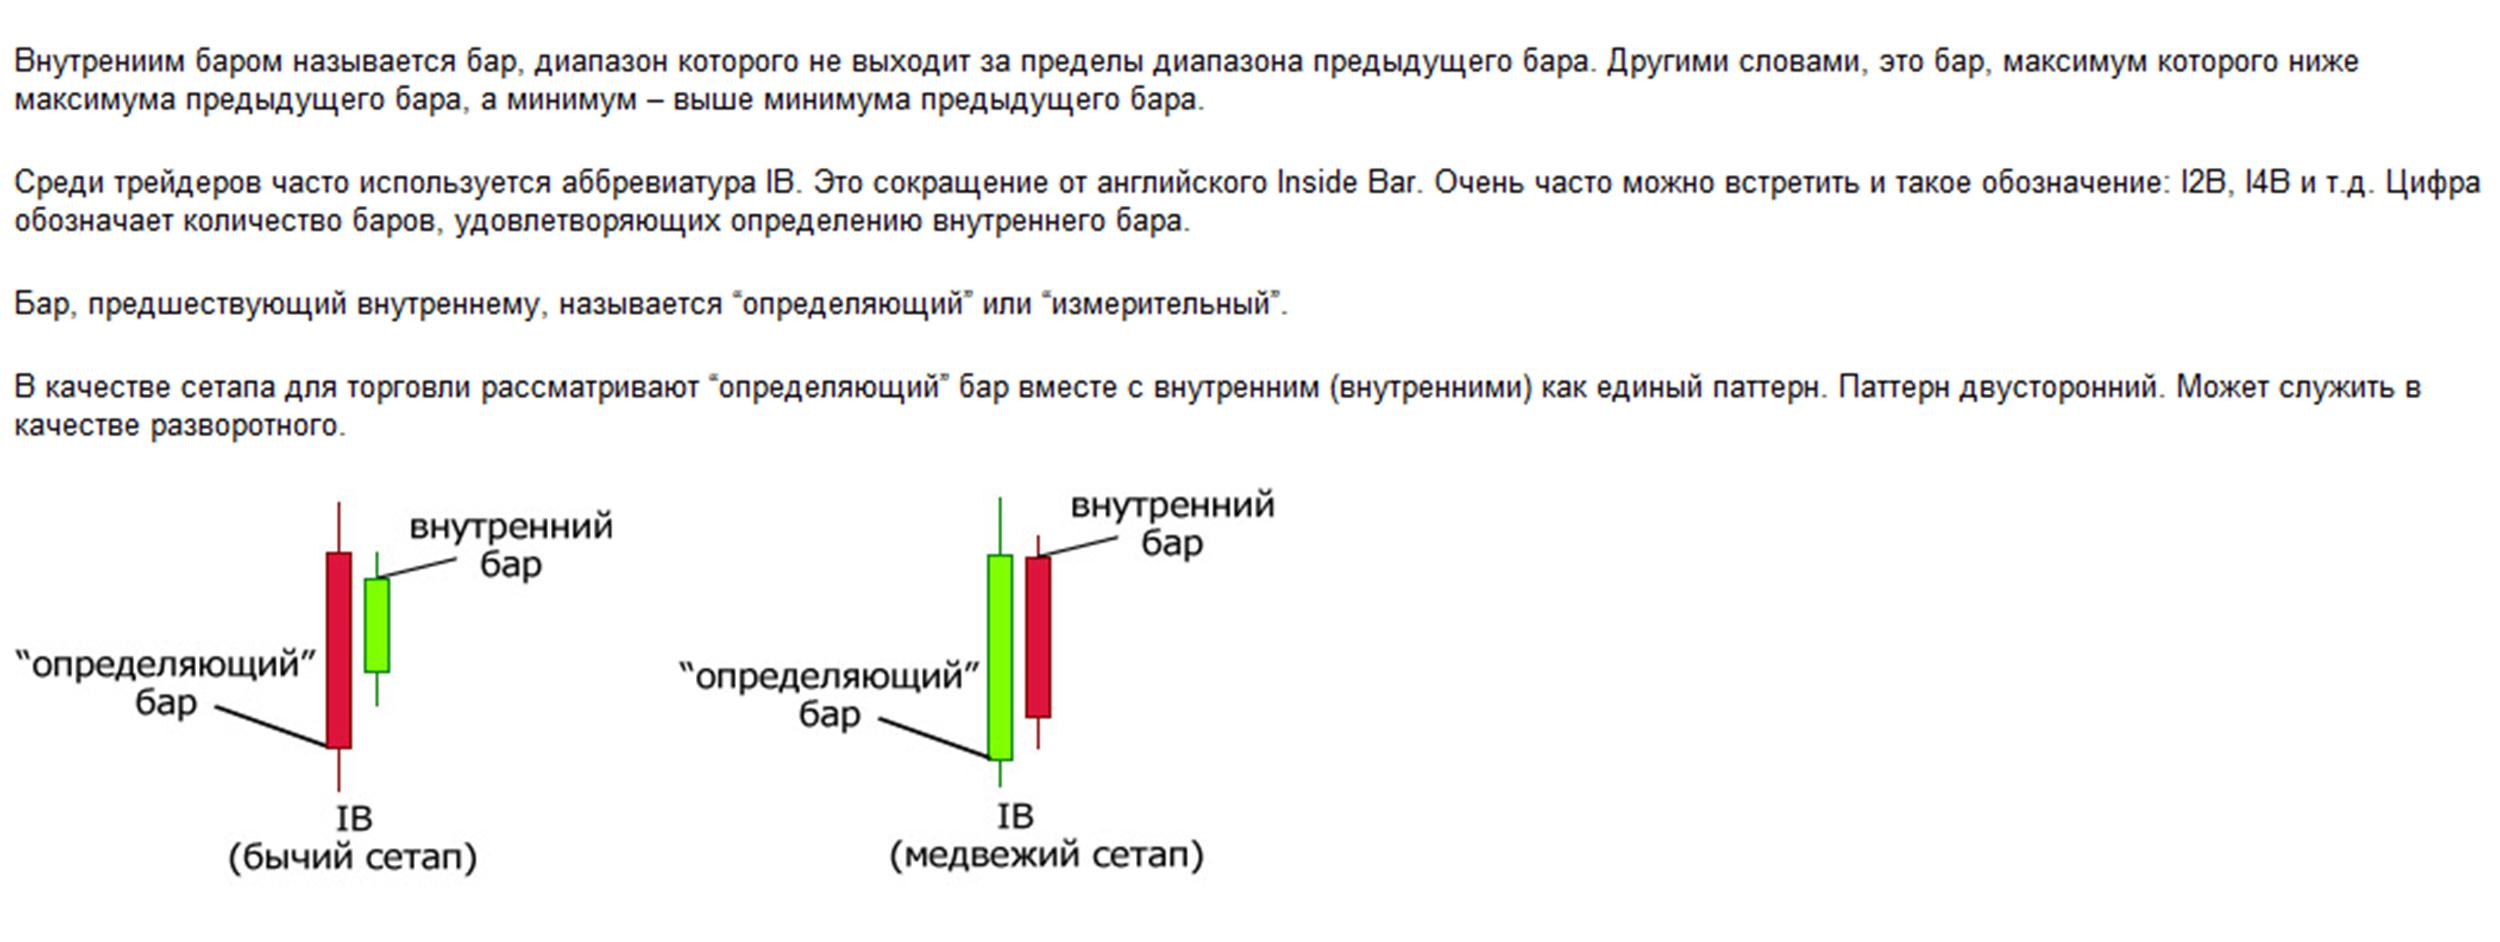 Москворечье трейдинг официальный сайт на русском